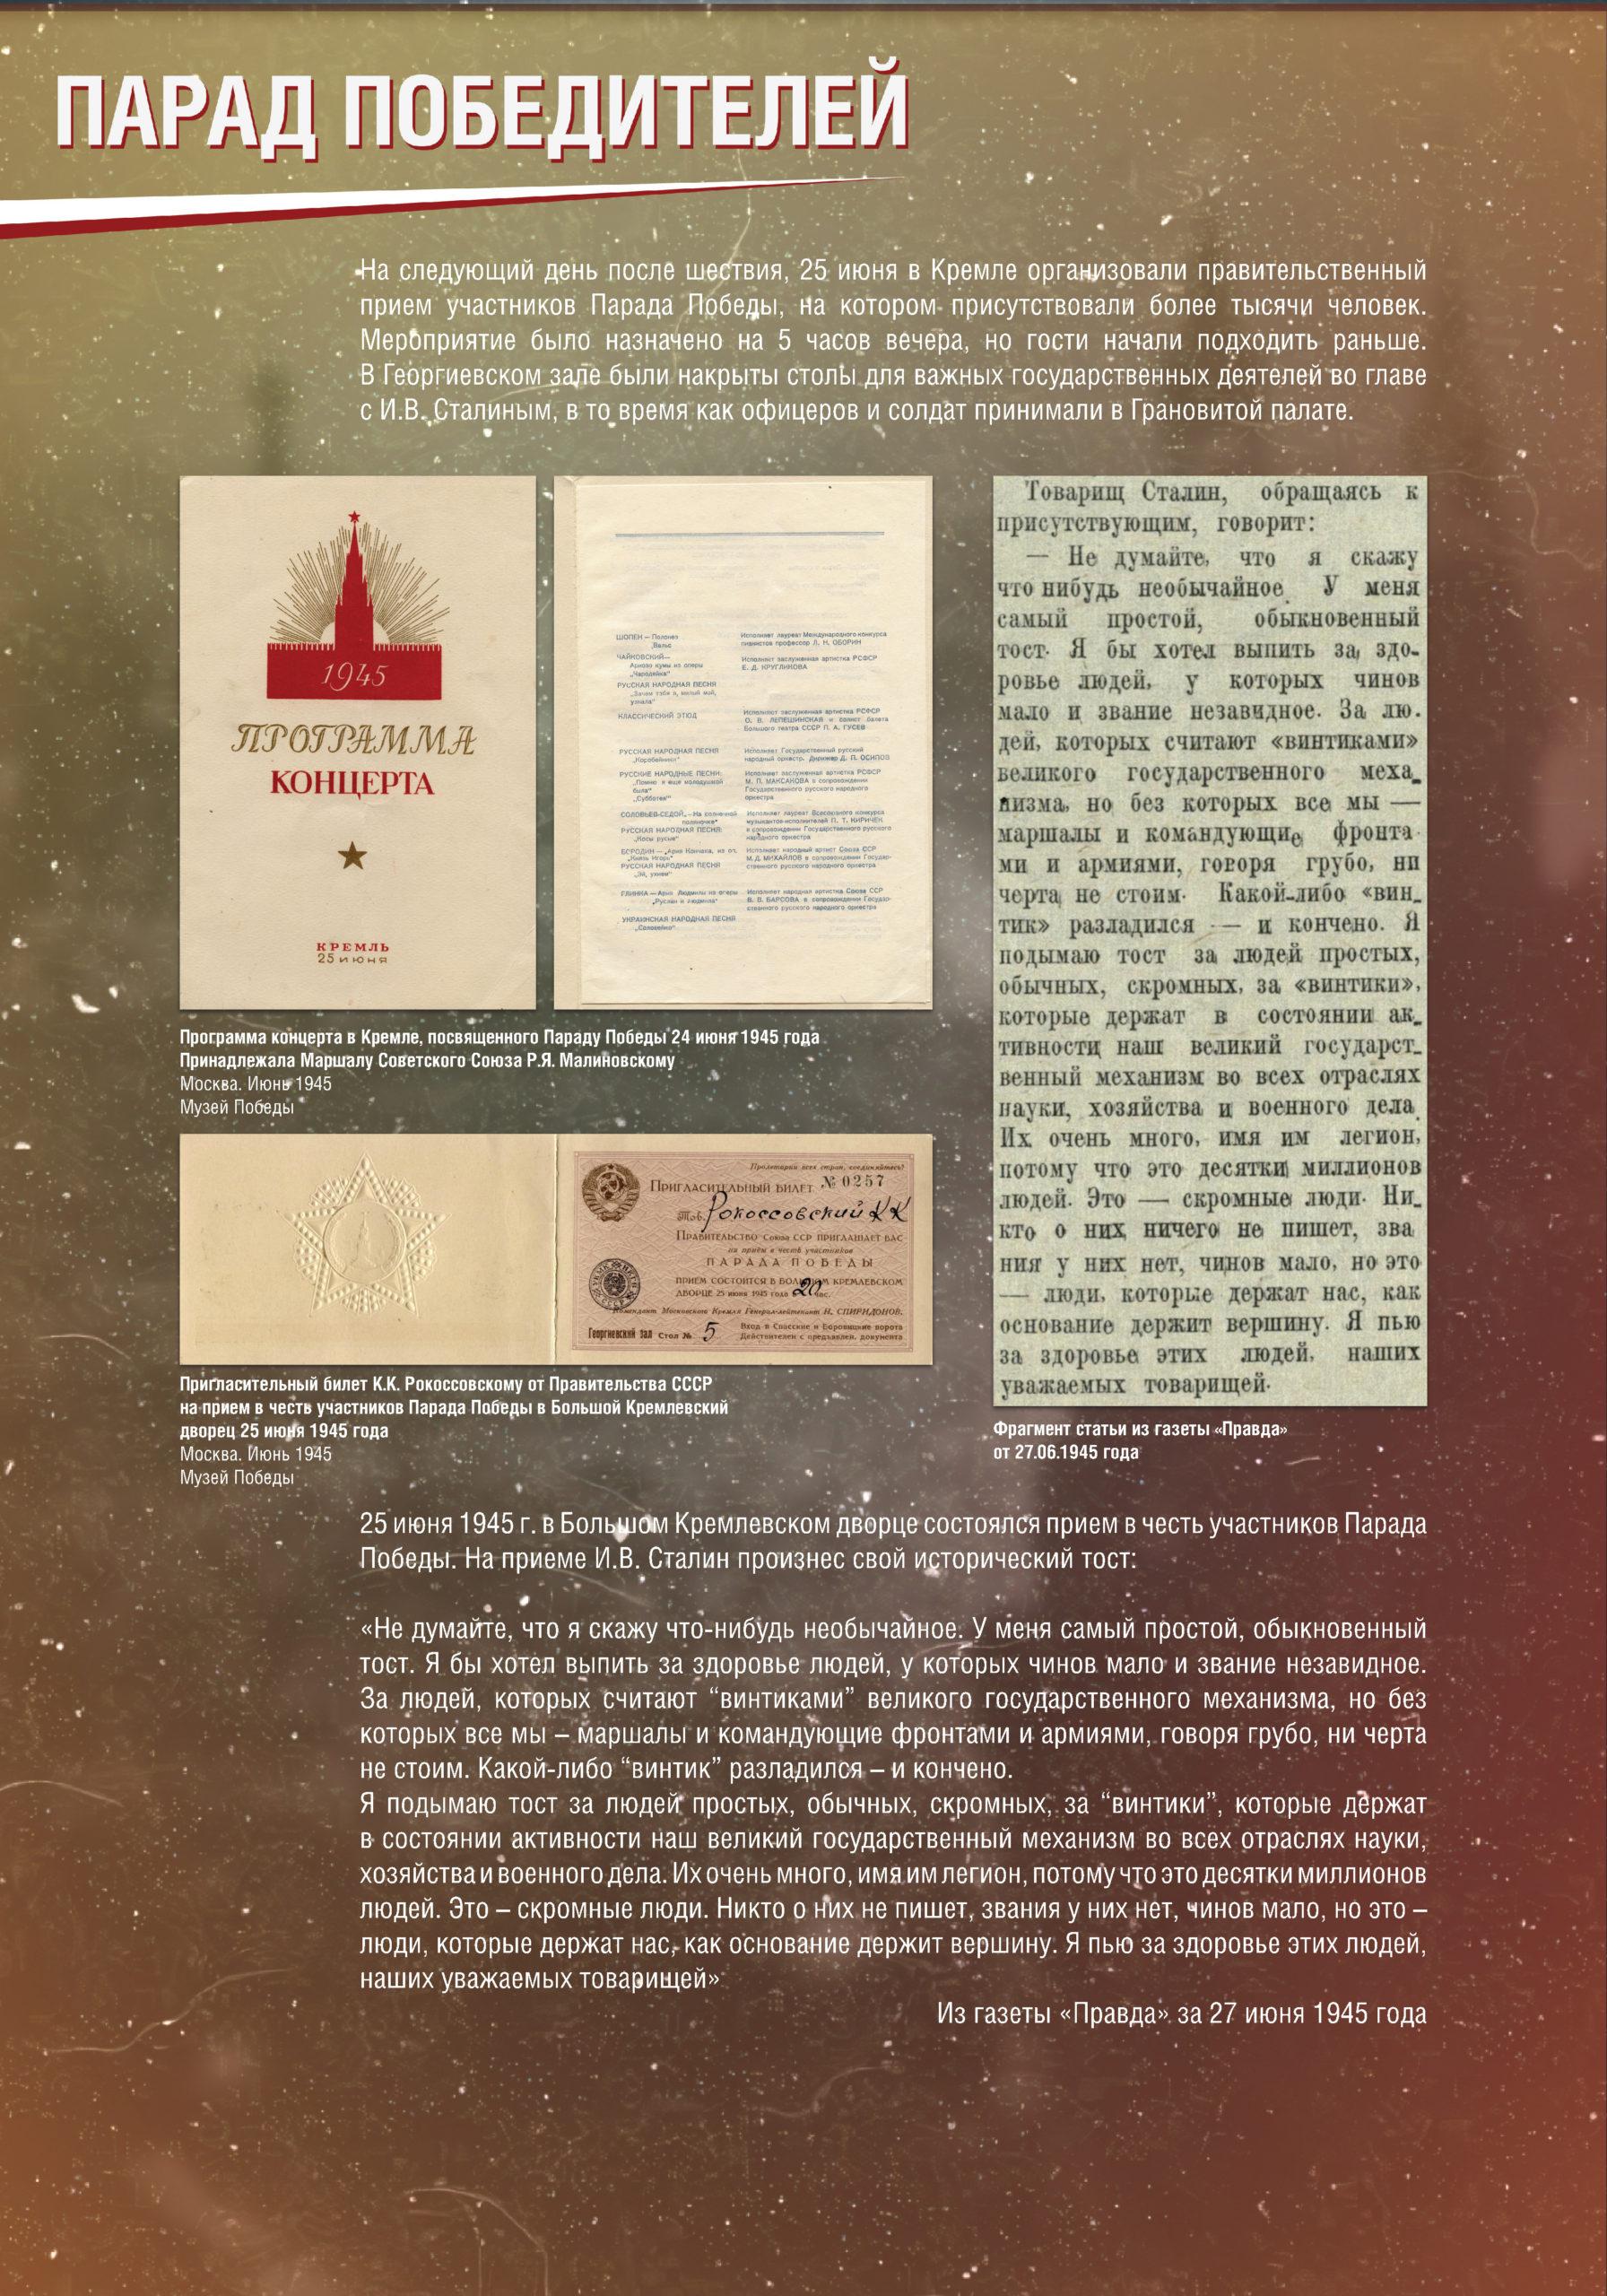 parad_pobediteley_1906_Page26